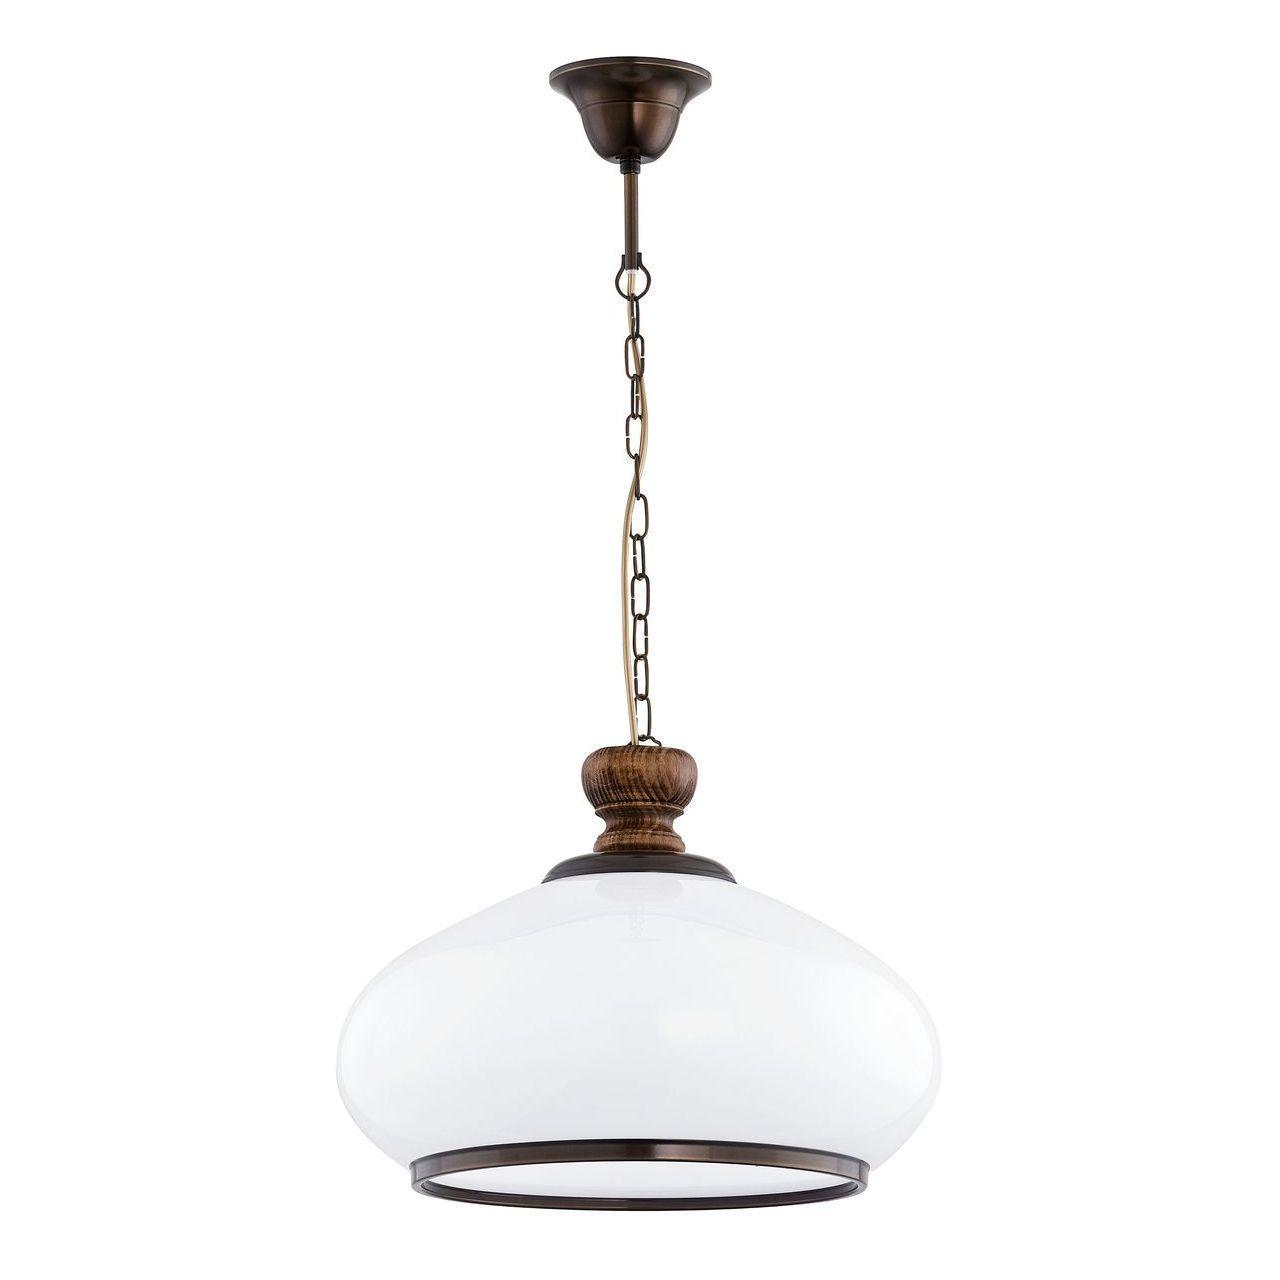 Подвесной светильник Alfa Parma 16941 подвесной светильник alfa parma 16941